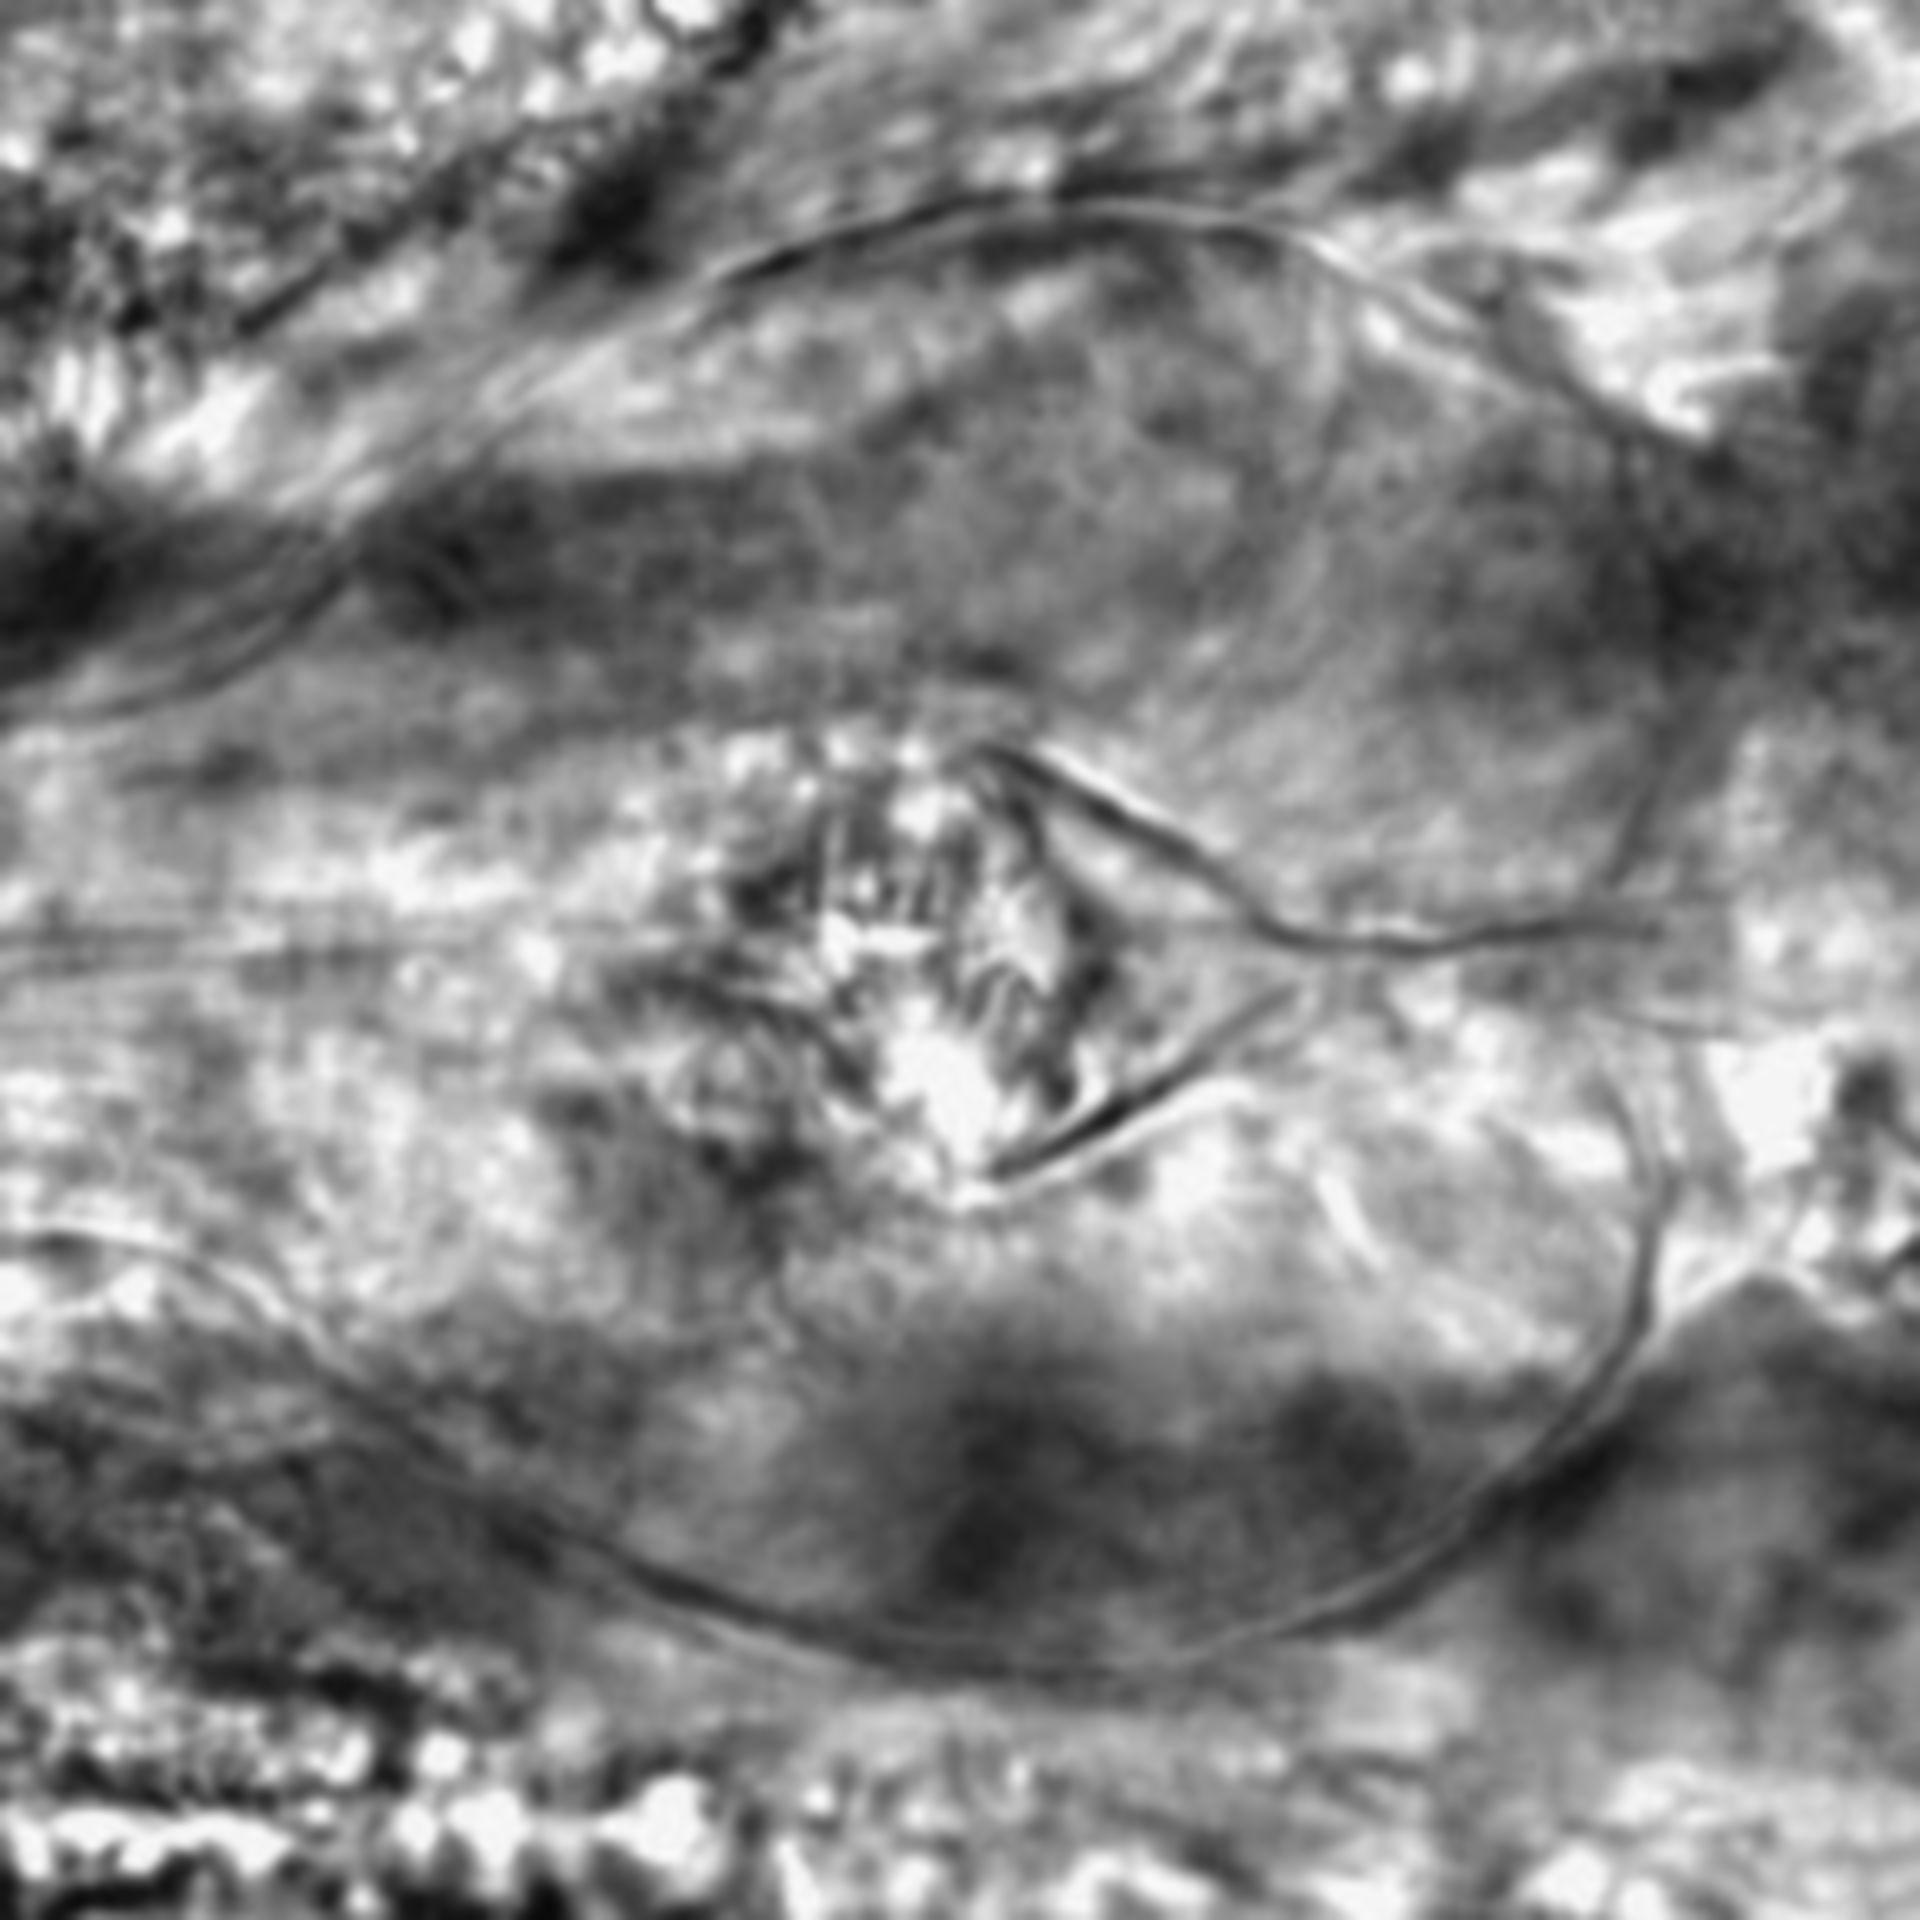 Caenorhabditis elegans - CIL:2719